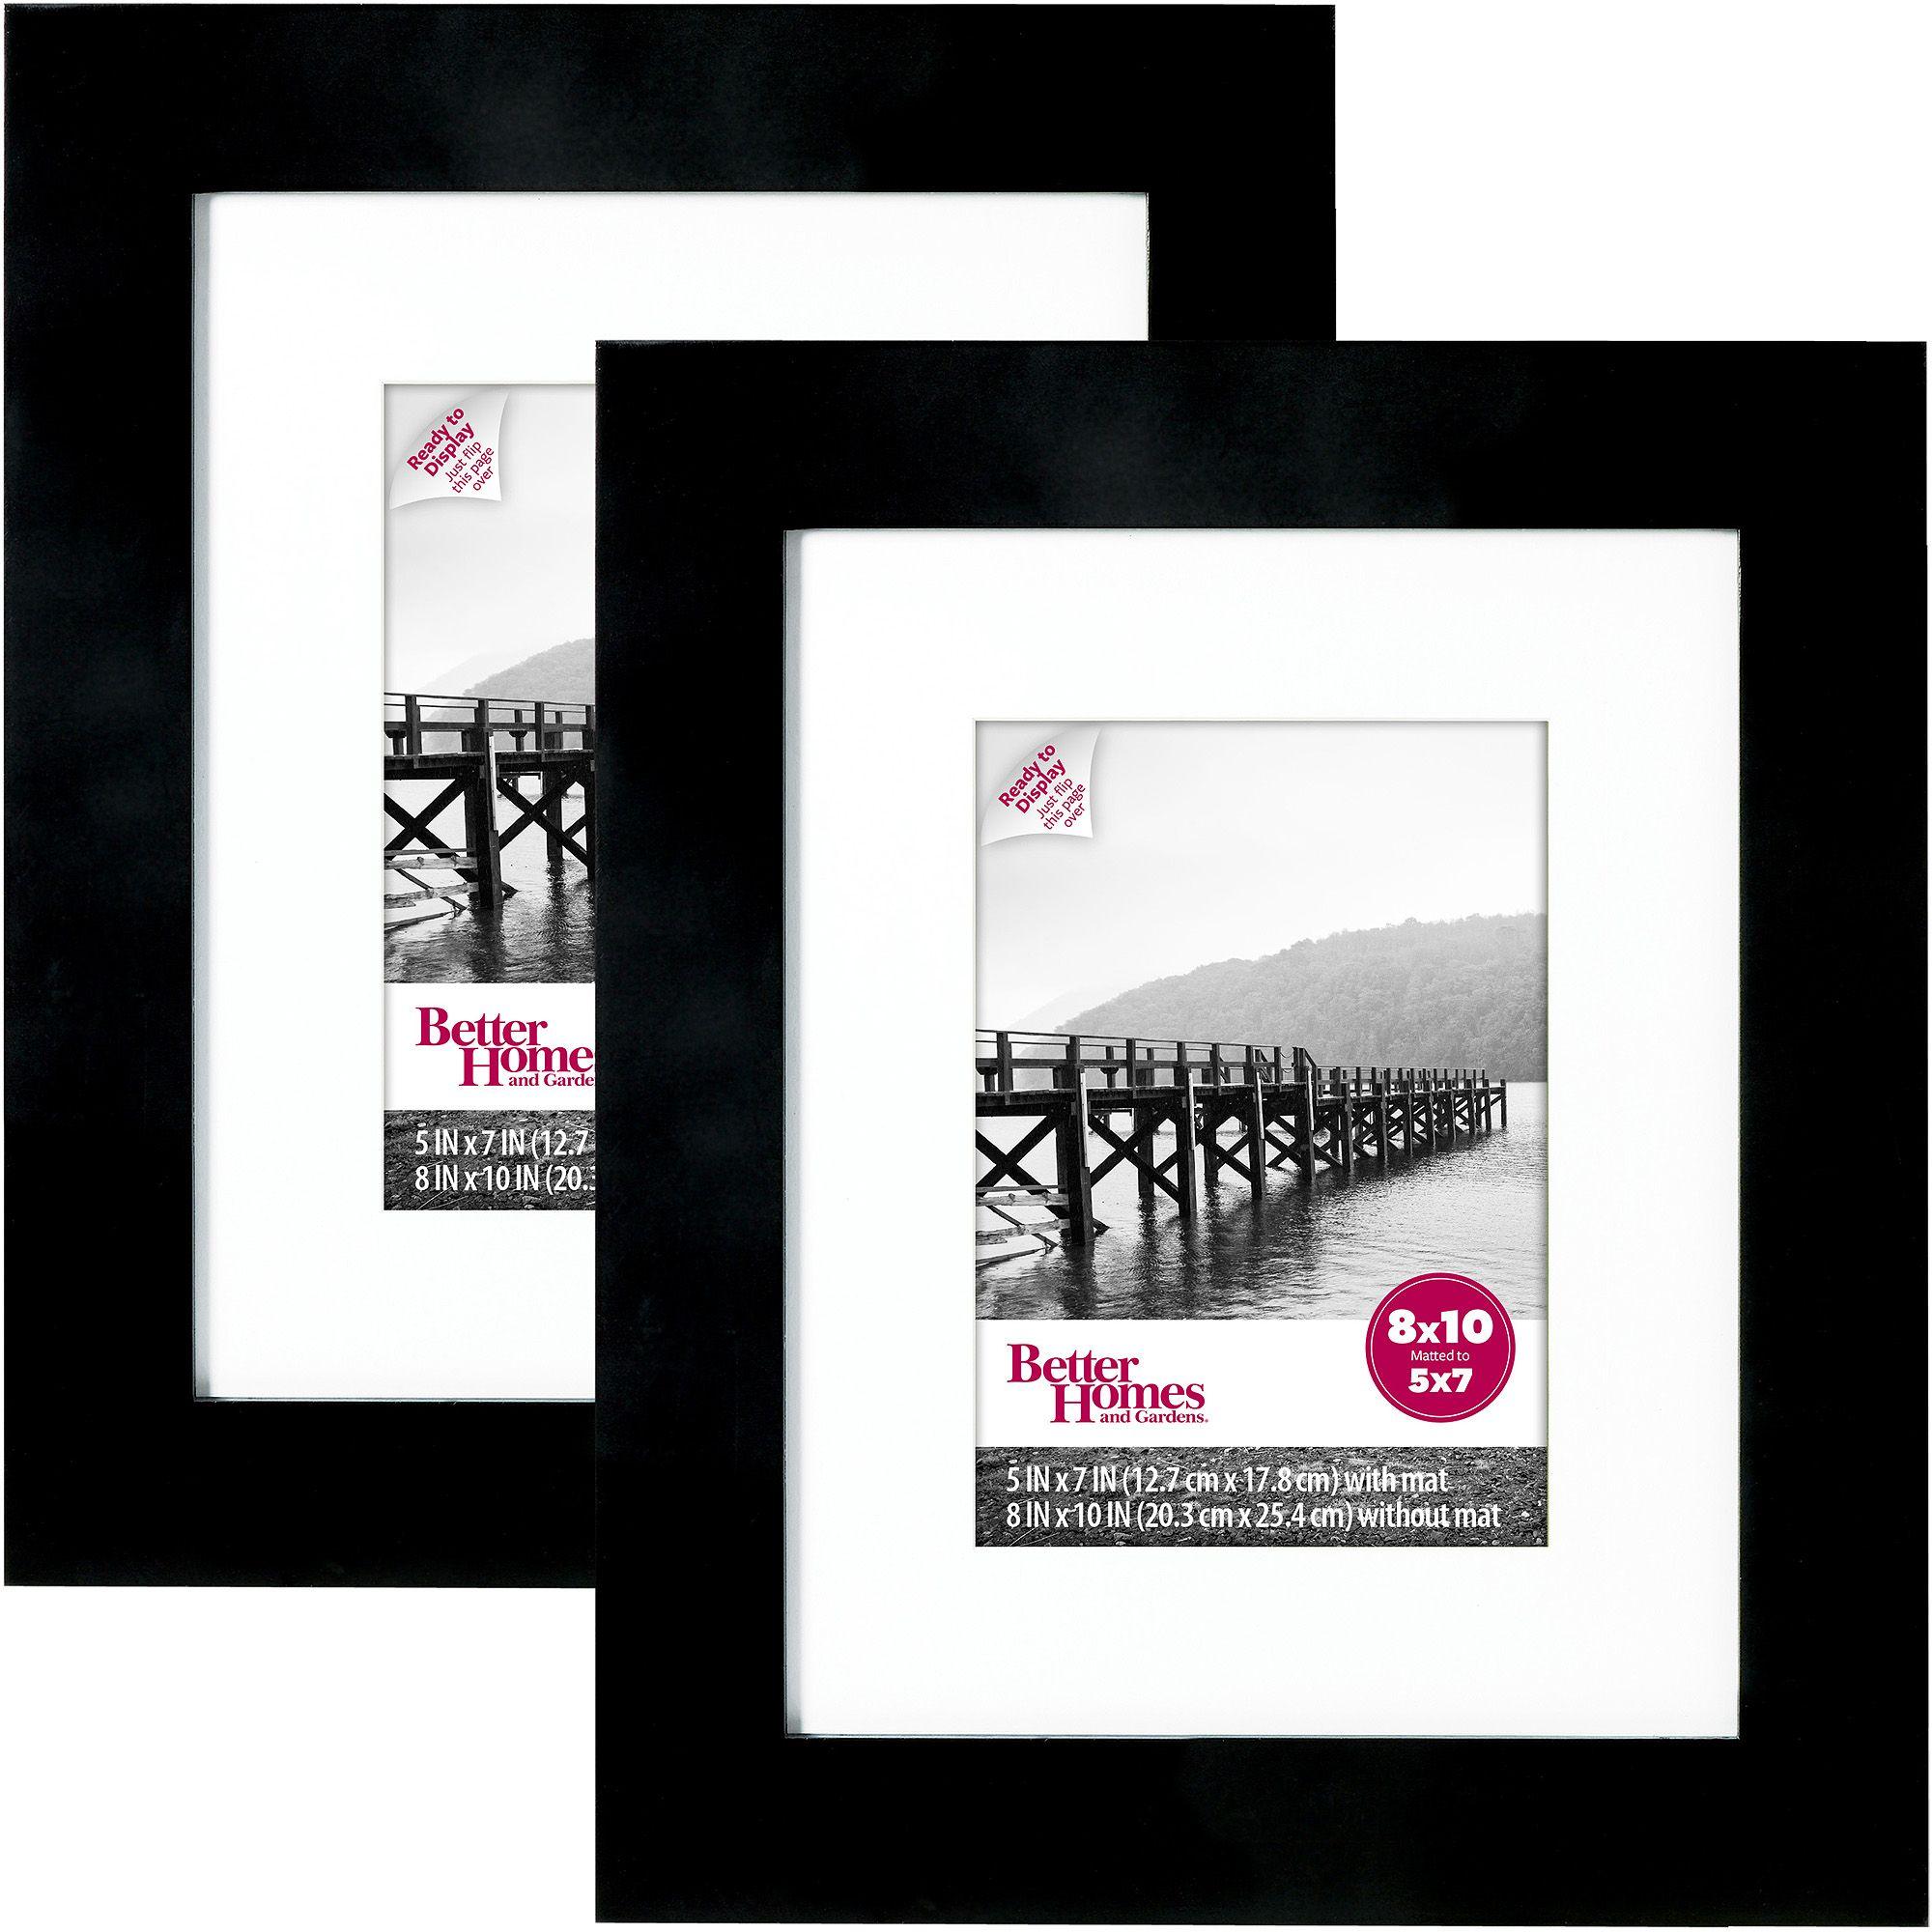 Tolle 3 8x10 Rahmen Galerie - Benutzerdefinierte Bilderrahmen Ideen ...